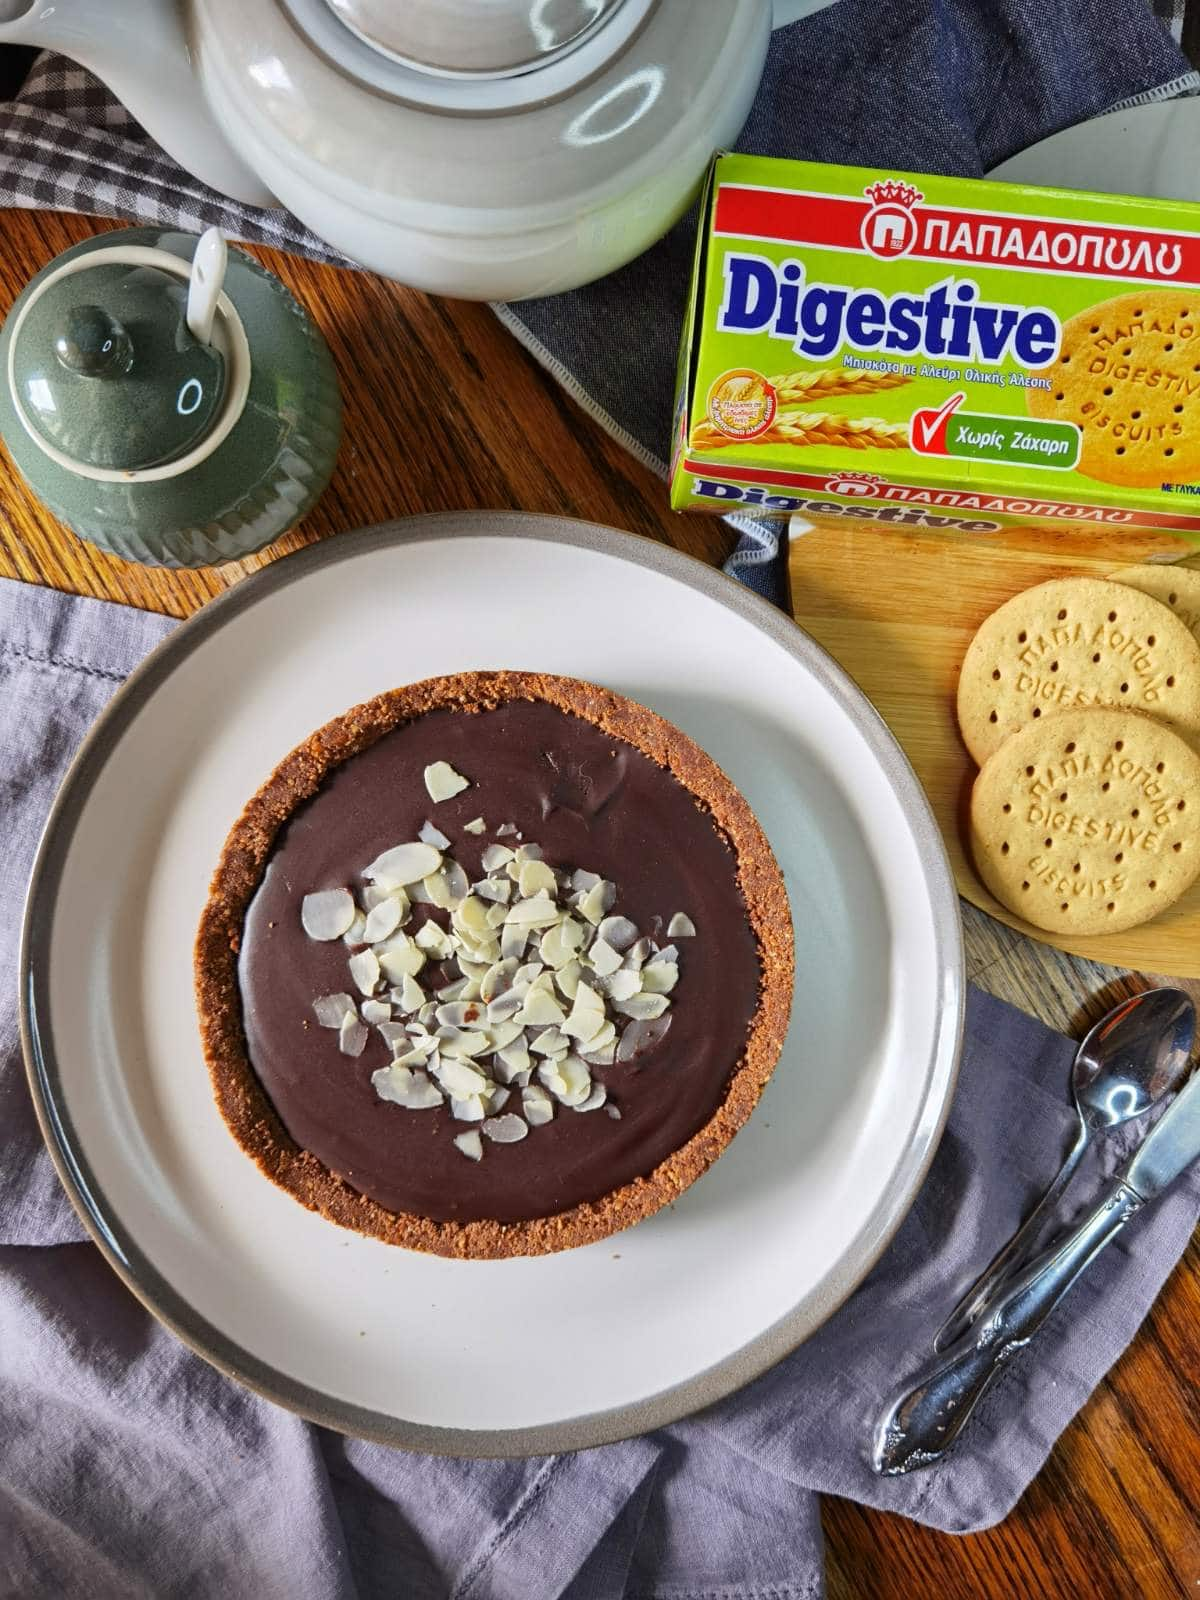 Featured image for Τάρτα σοκολάτας με Digestive Παπαδοπούλου χωρίς ζάχαρη